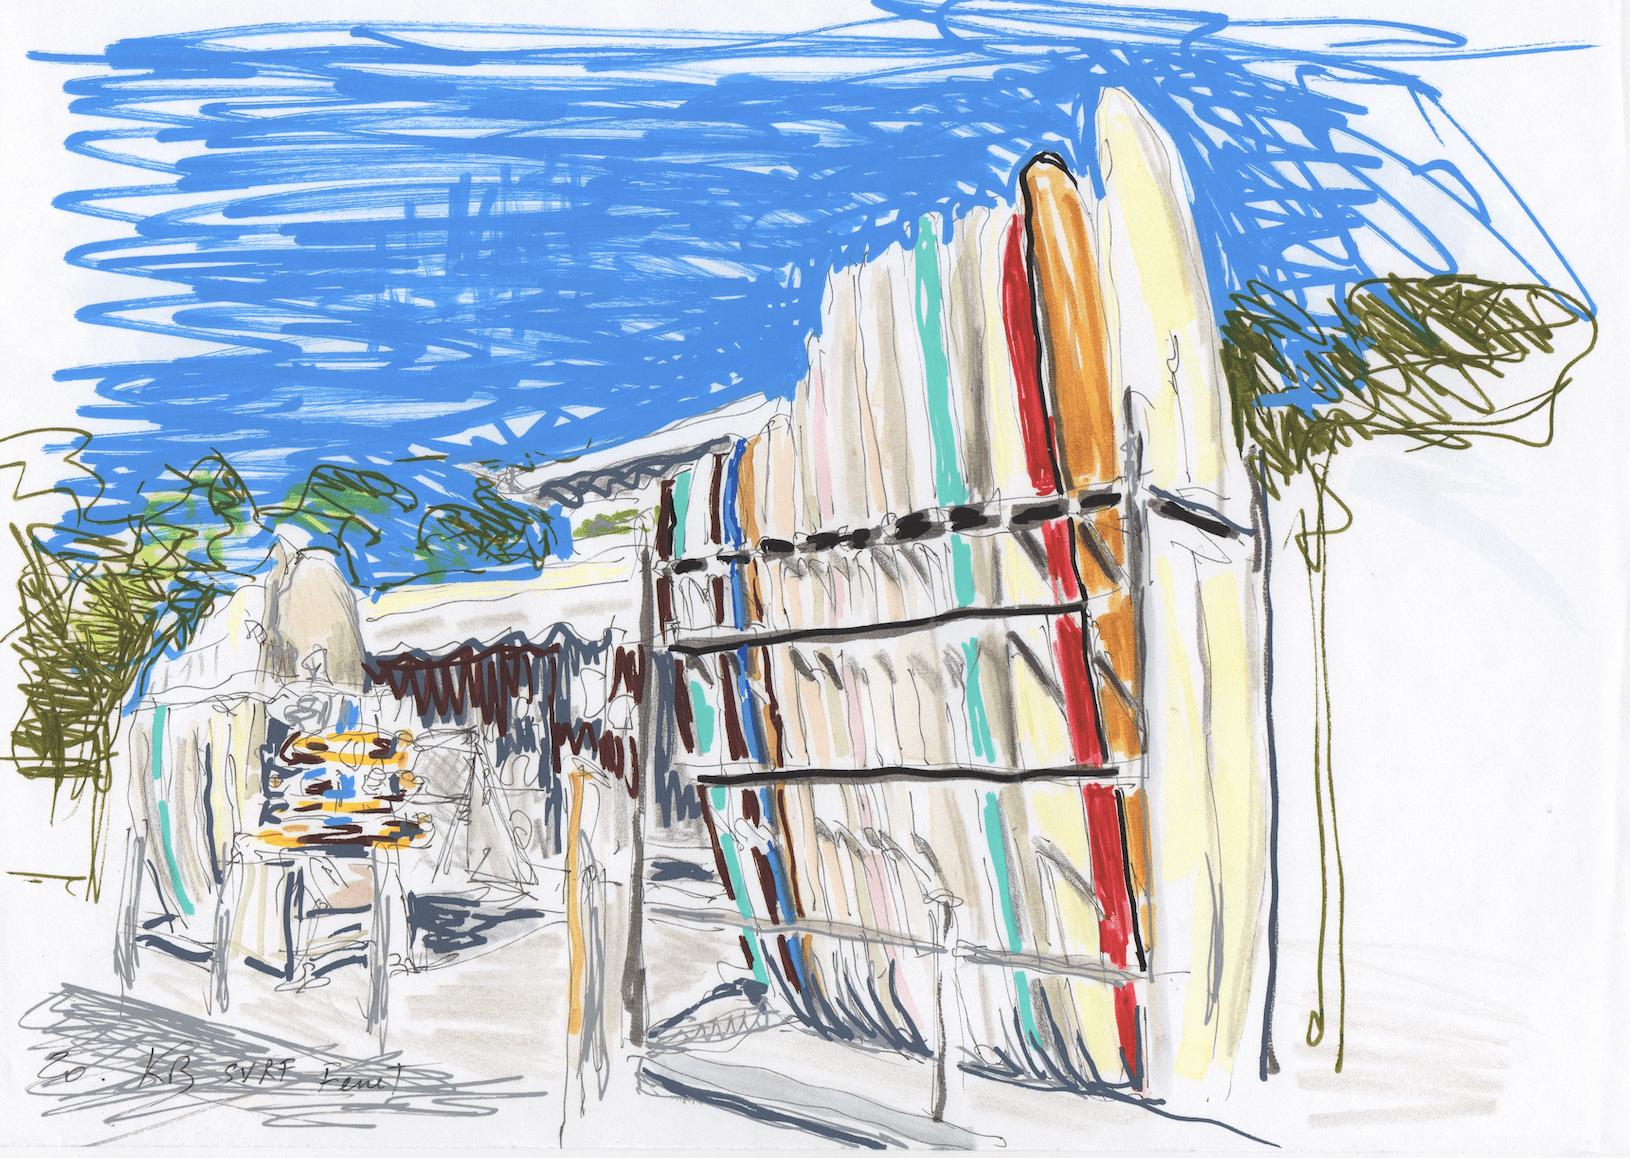 Cap Ferret - Les planches de surf